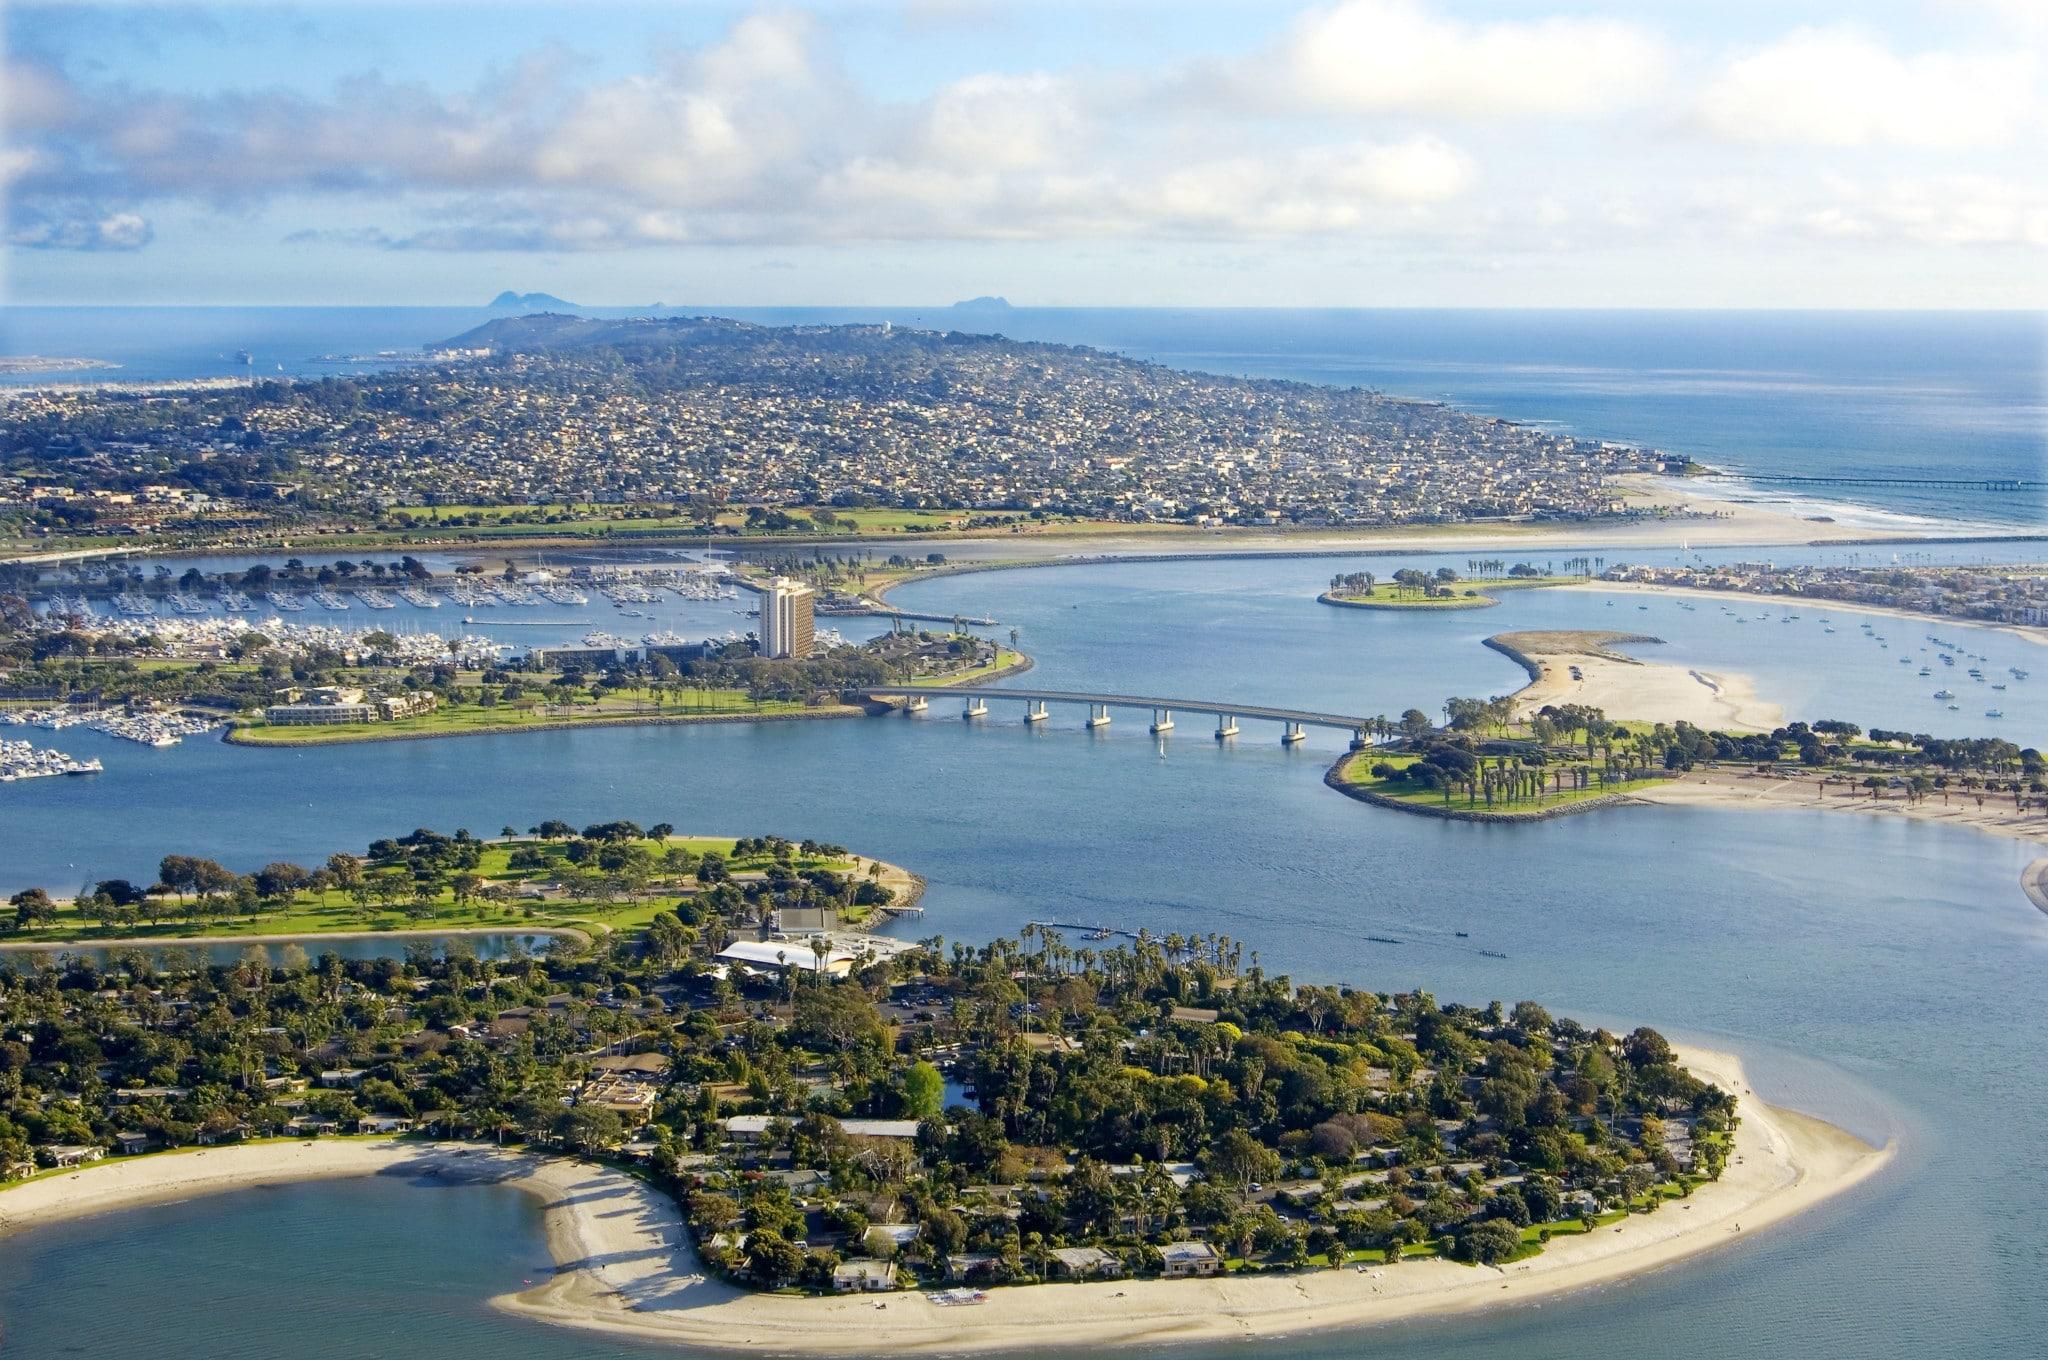 Aerial Photo Mission Bay San Diego